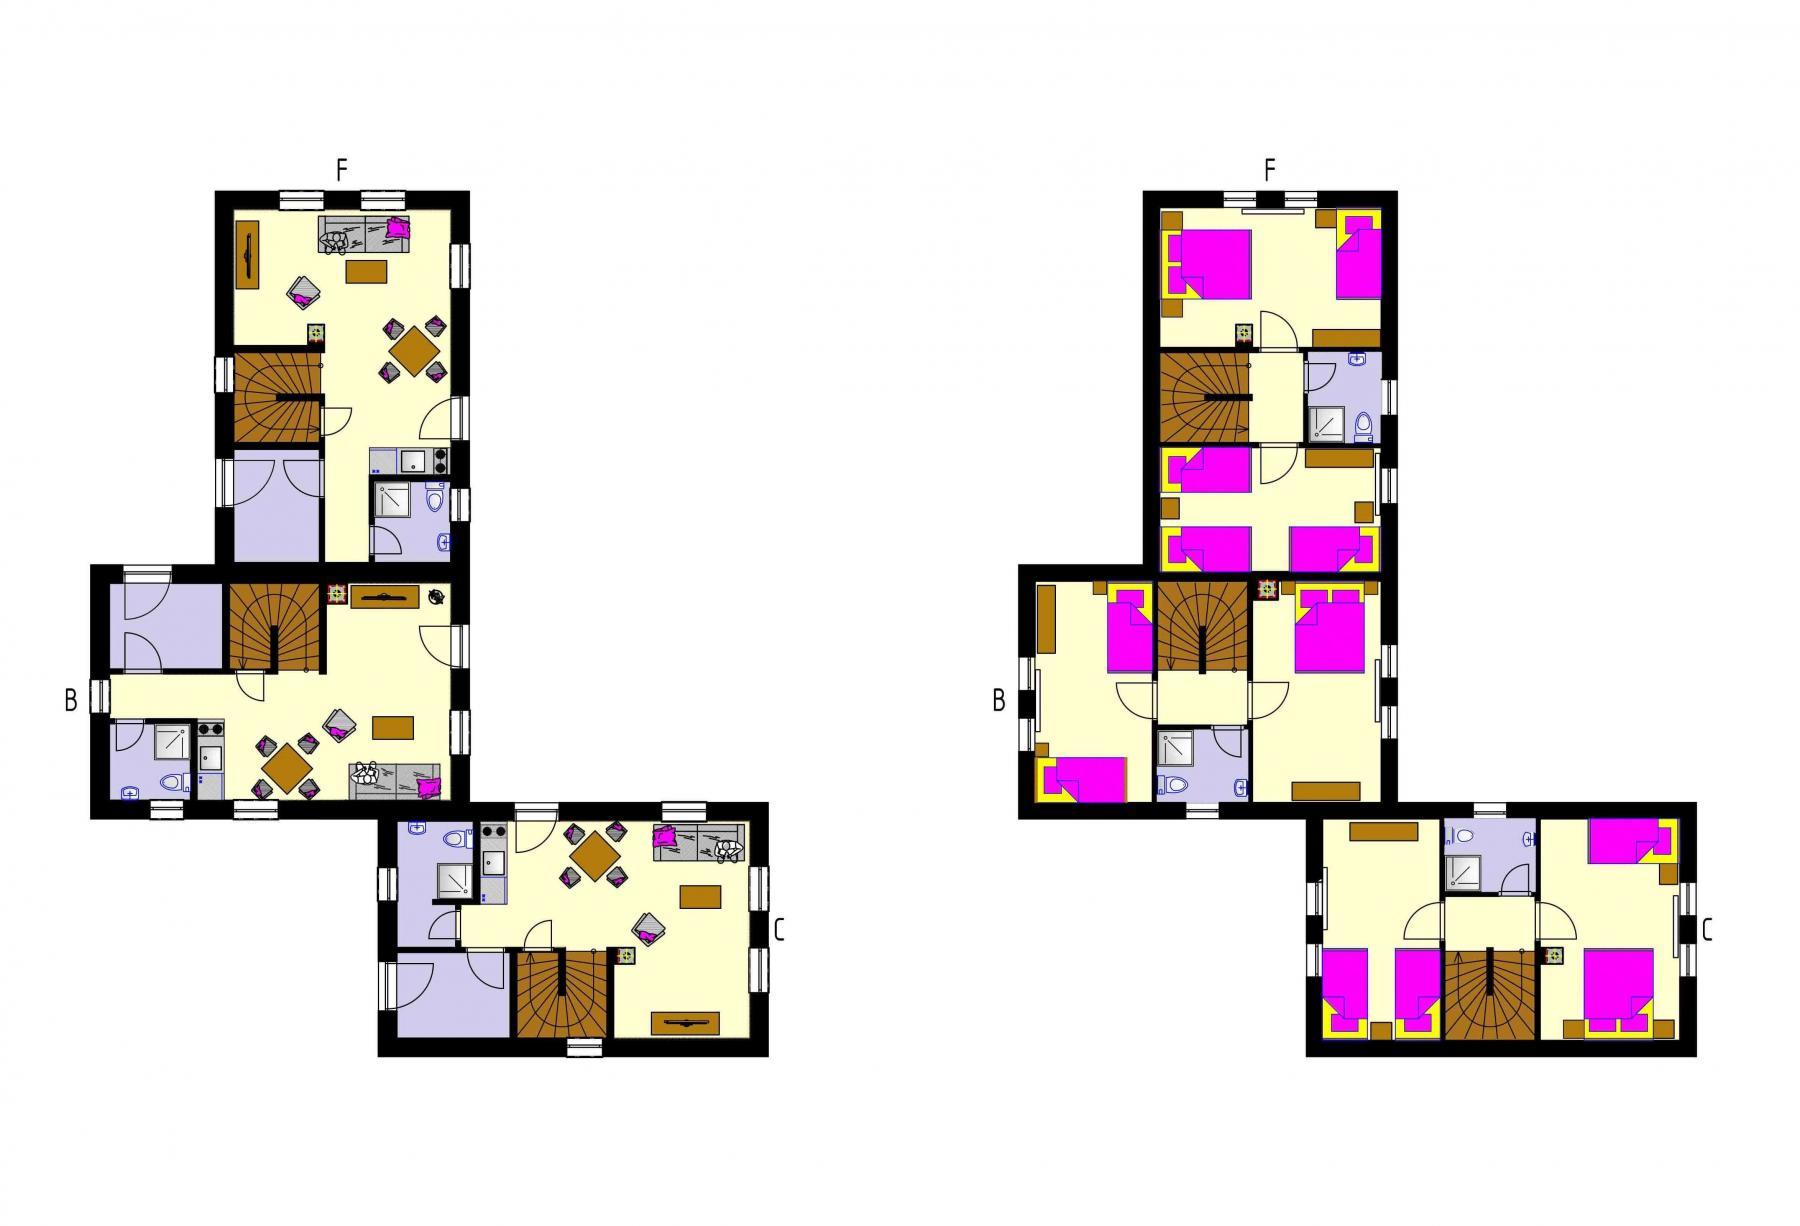 Gothal - ubytovanie v Nízkych Tatrách - pôdorys chalupy typu C